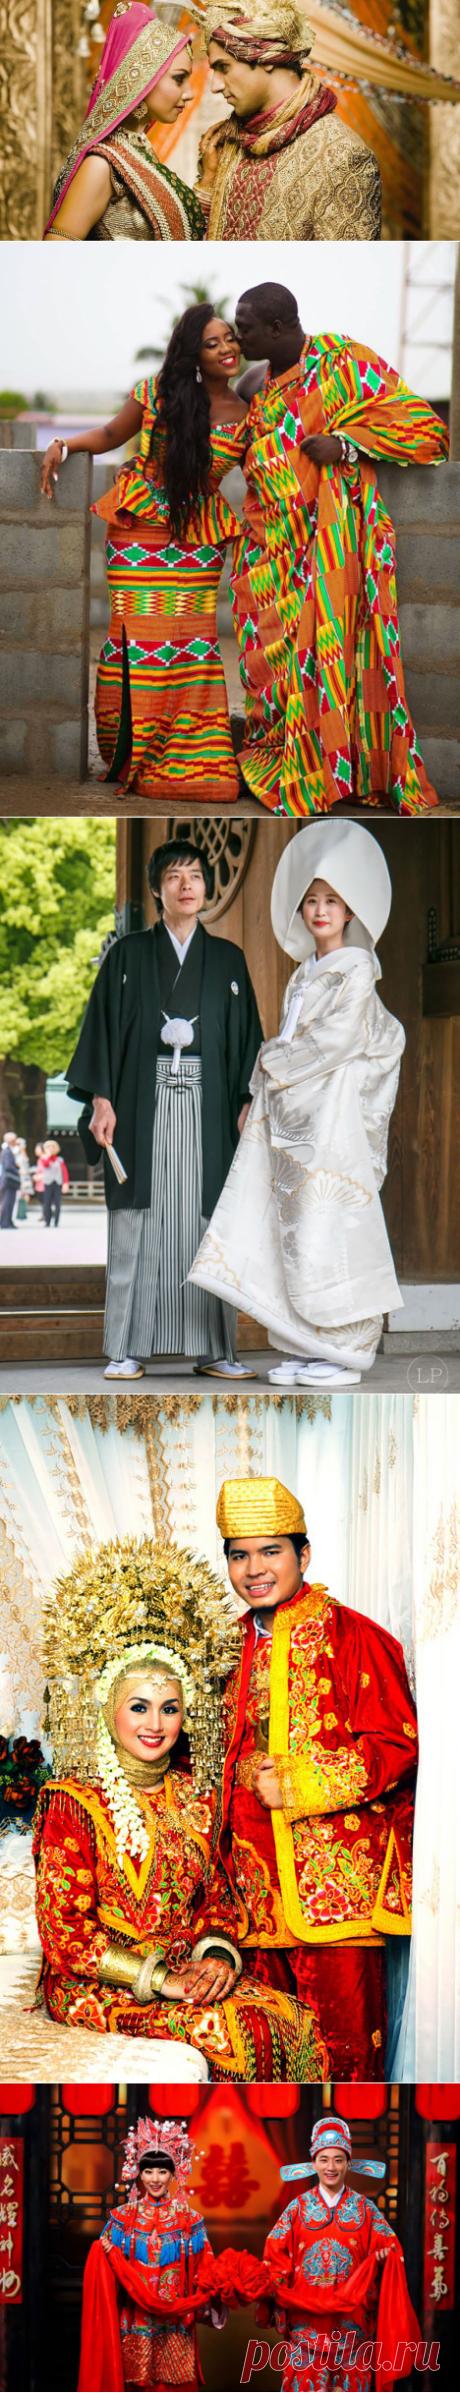 20 колоритных фотографий, на которых запечатлены молодожёны в традиционных свадебных нарядах разных стран